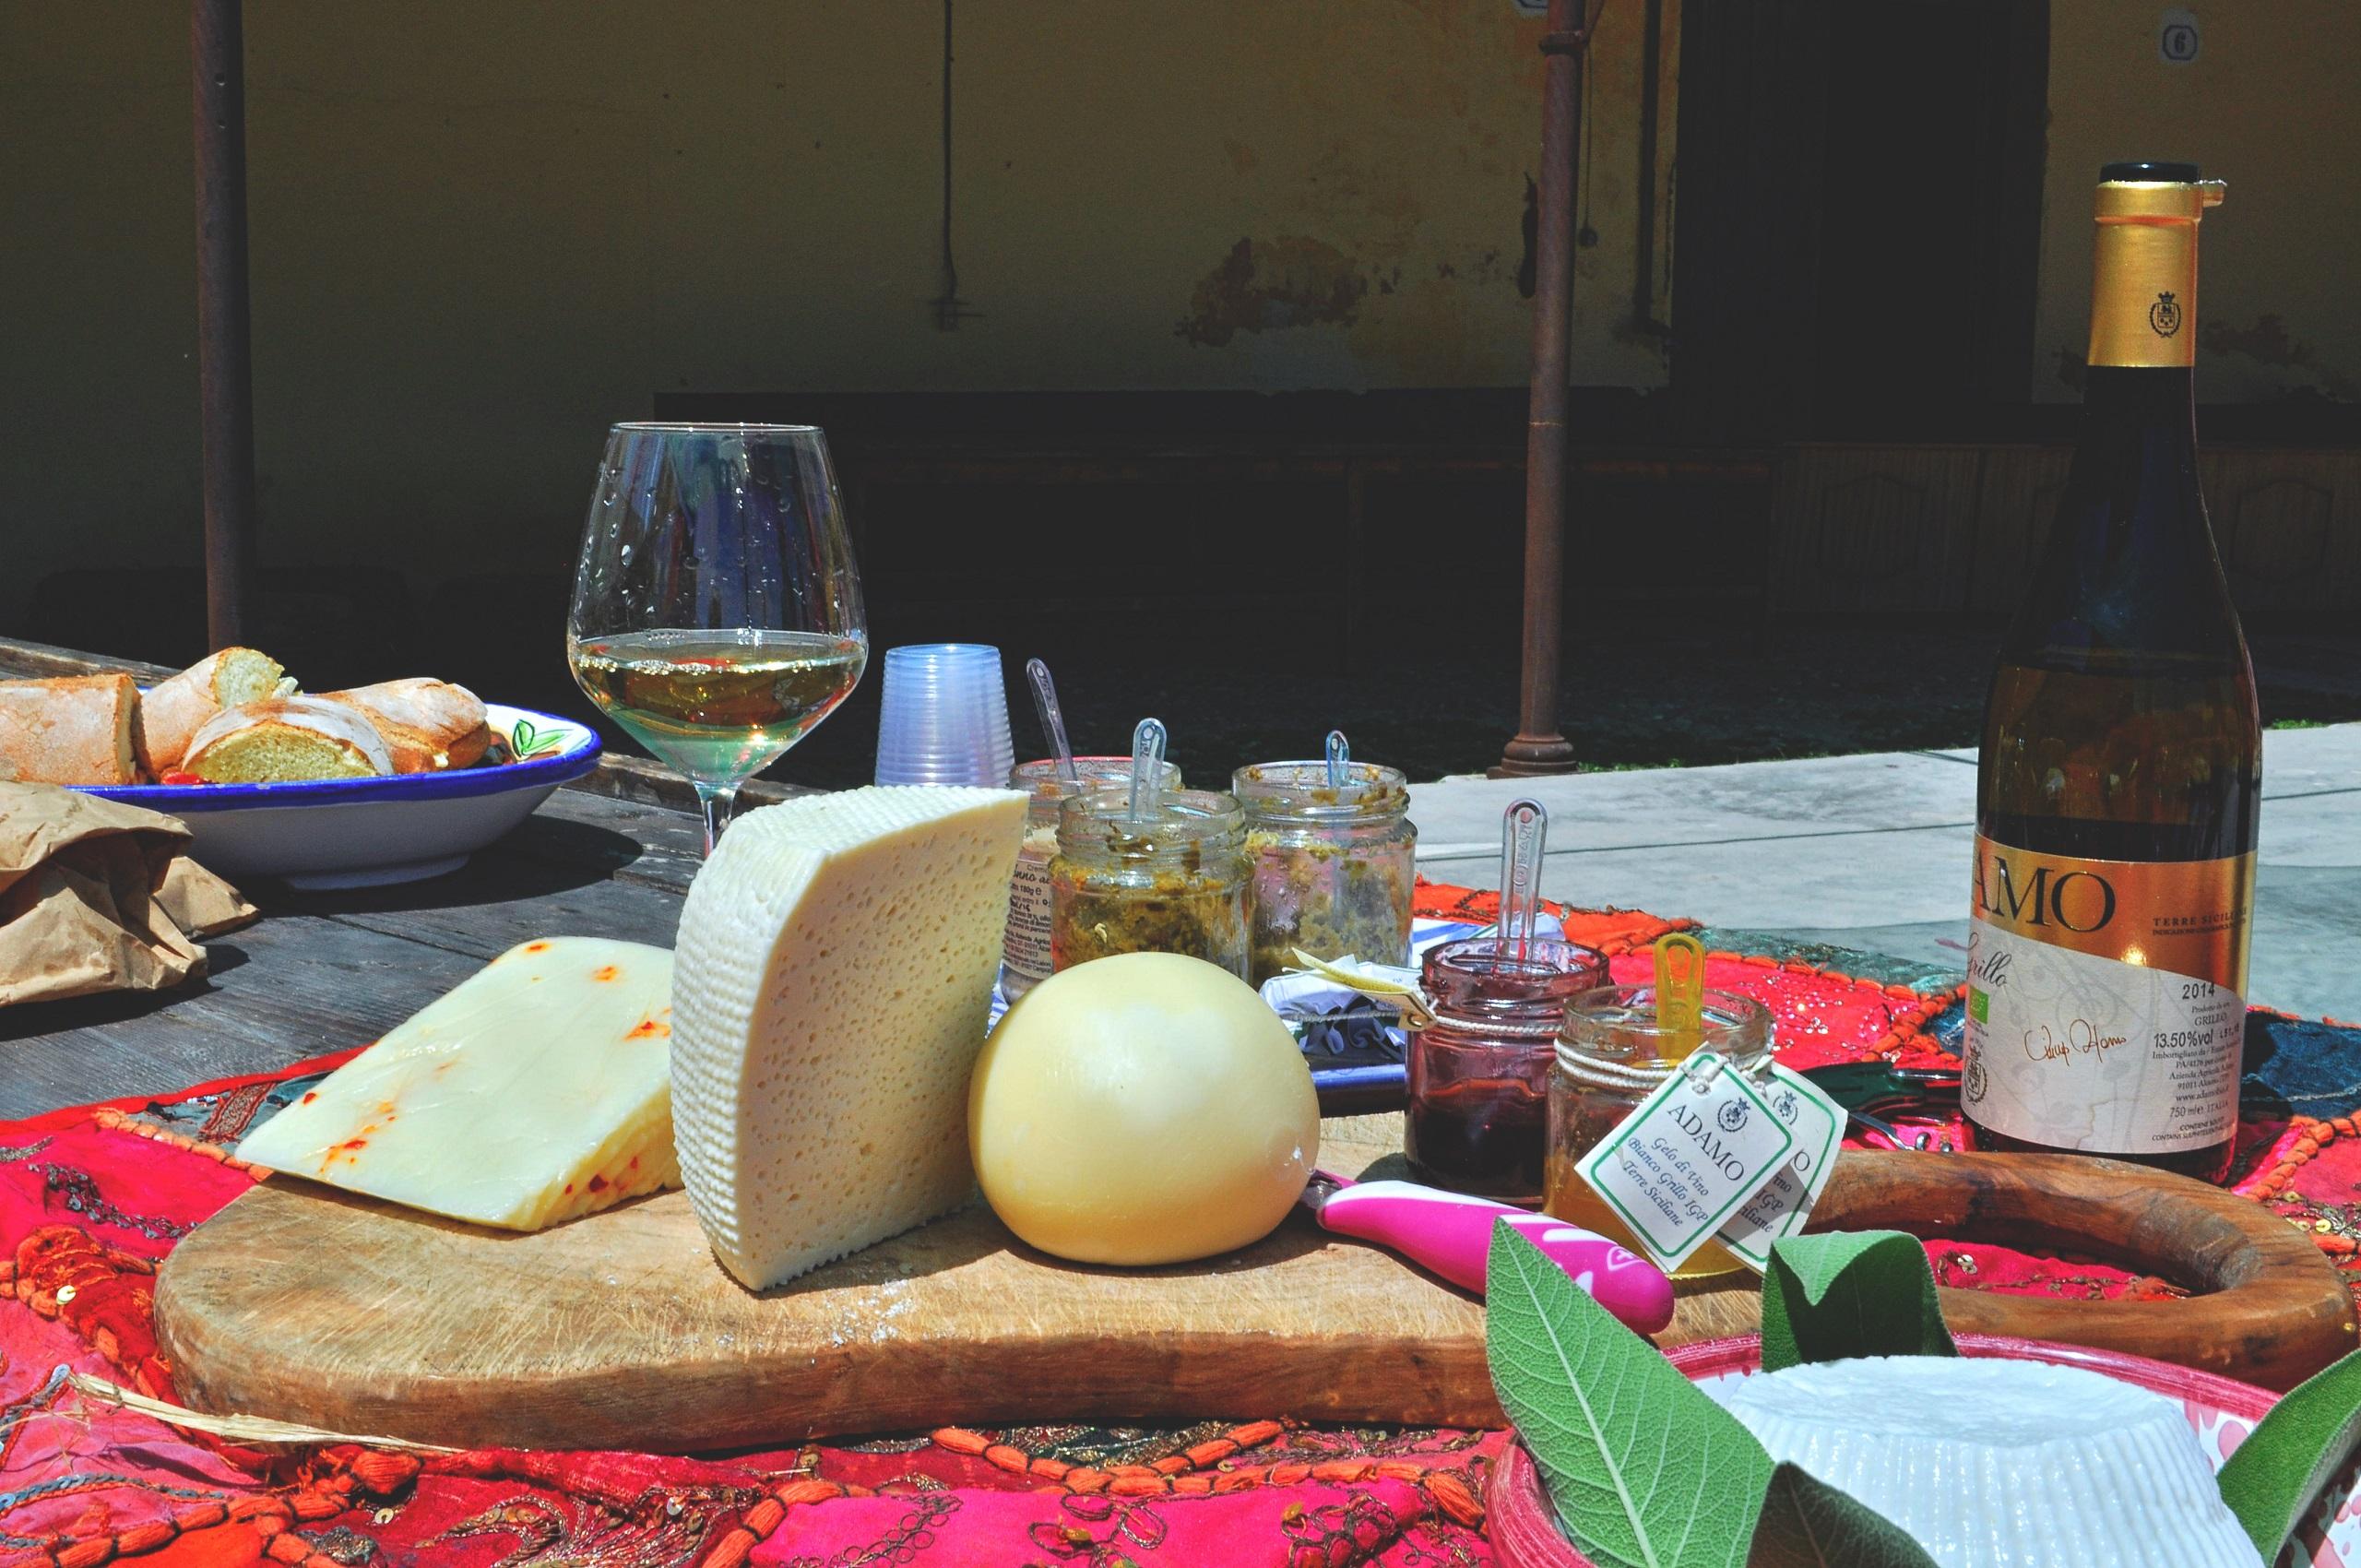 Kuchnia sycylijska - kuchnie świata. Autorzy zdjęcia: Ania i Michał z Petrykivka